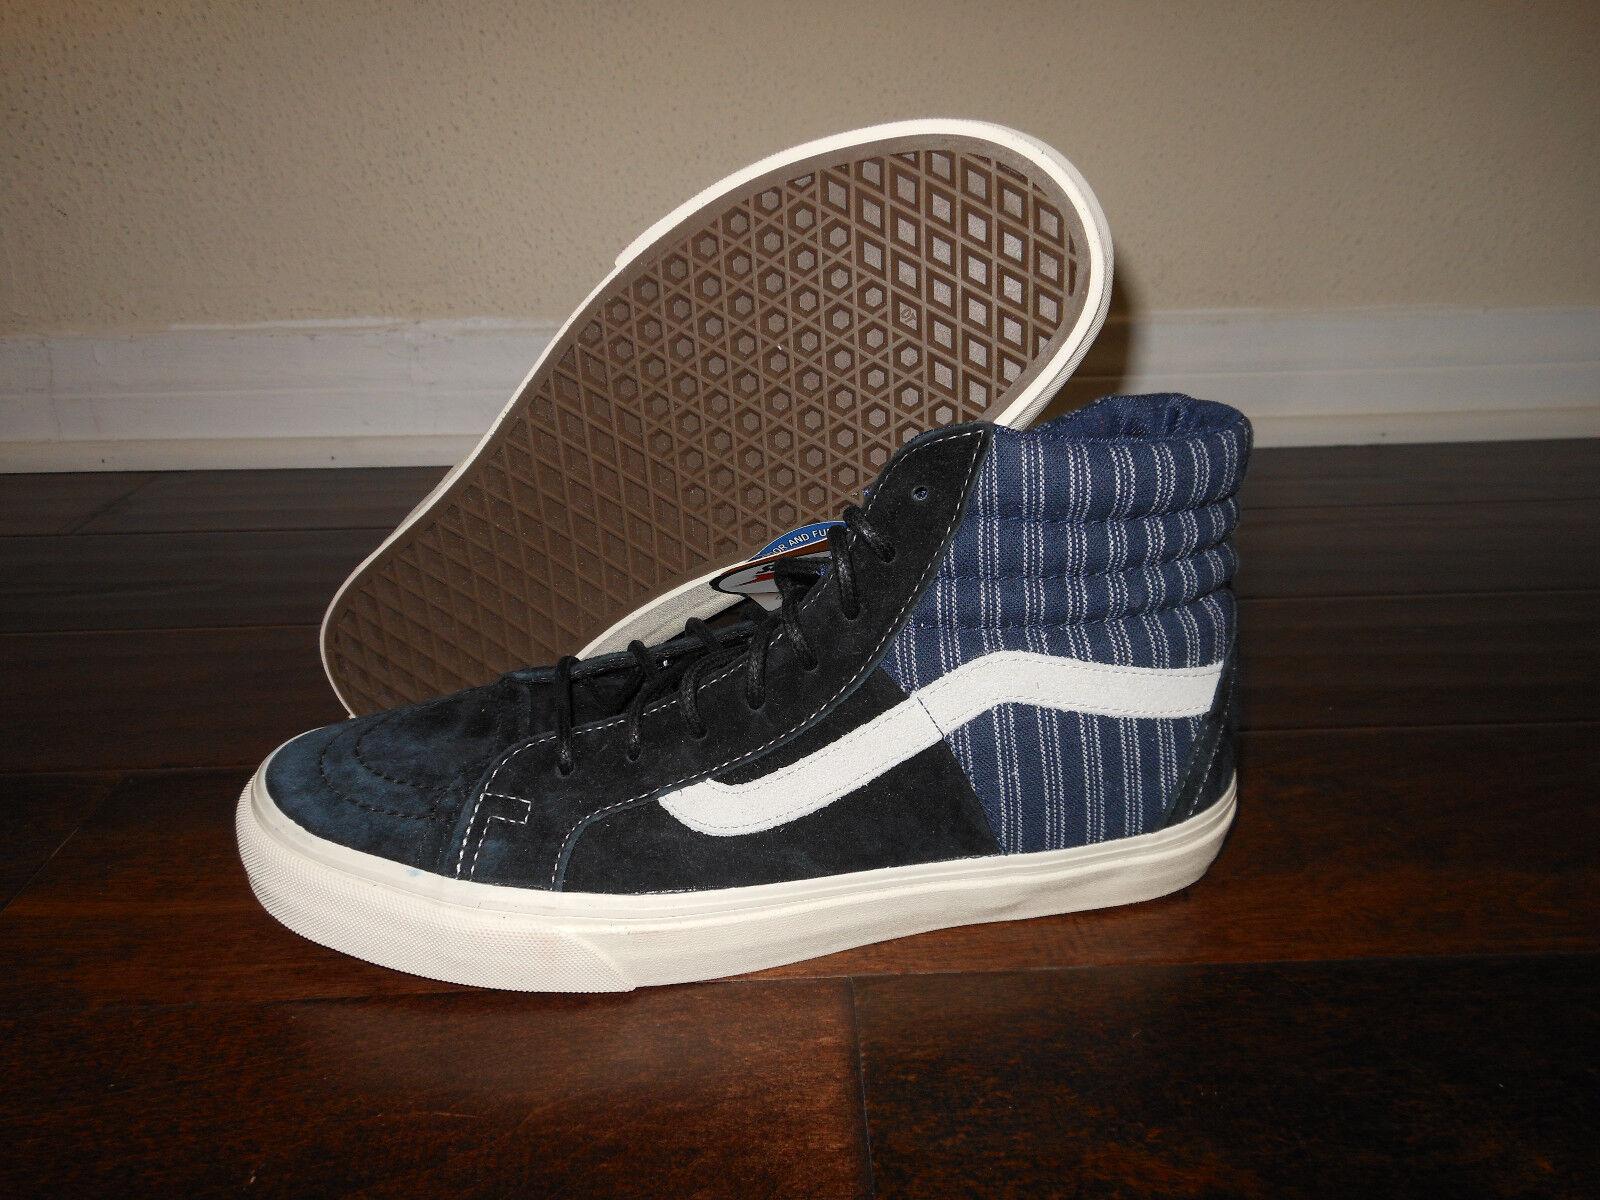 Vans SK8-HI 46 CA Hickory mezcla VN -0 zdiet 4 zapatos talla 10 de hombre 43 EUR Negro Azul